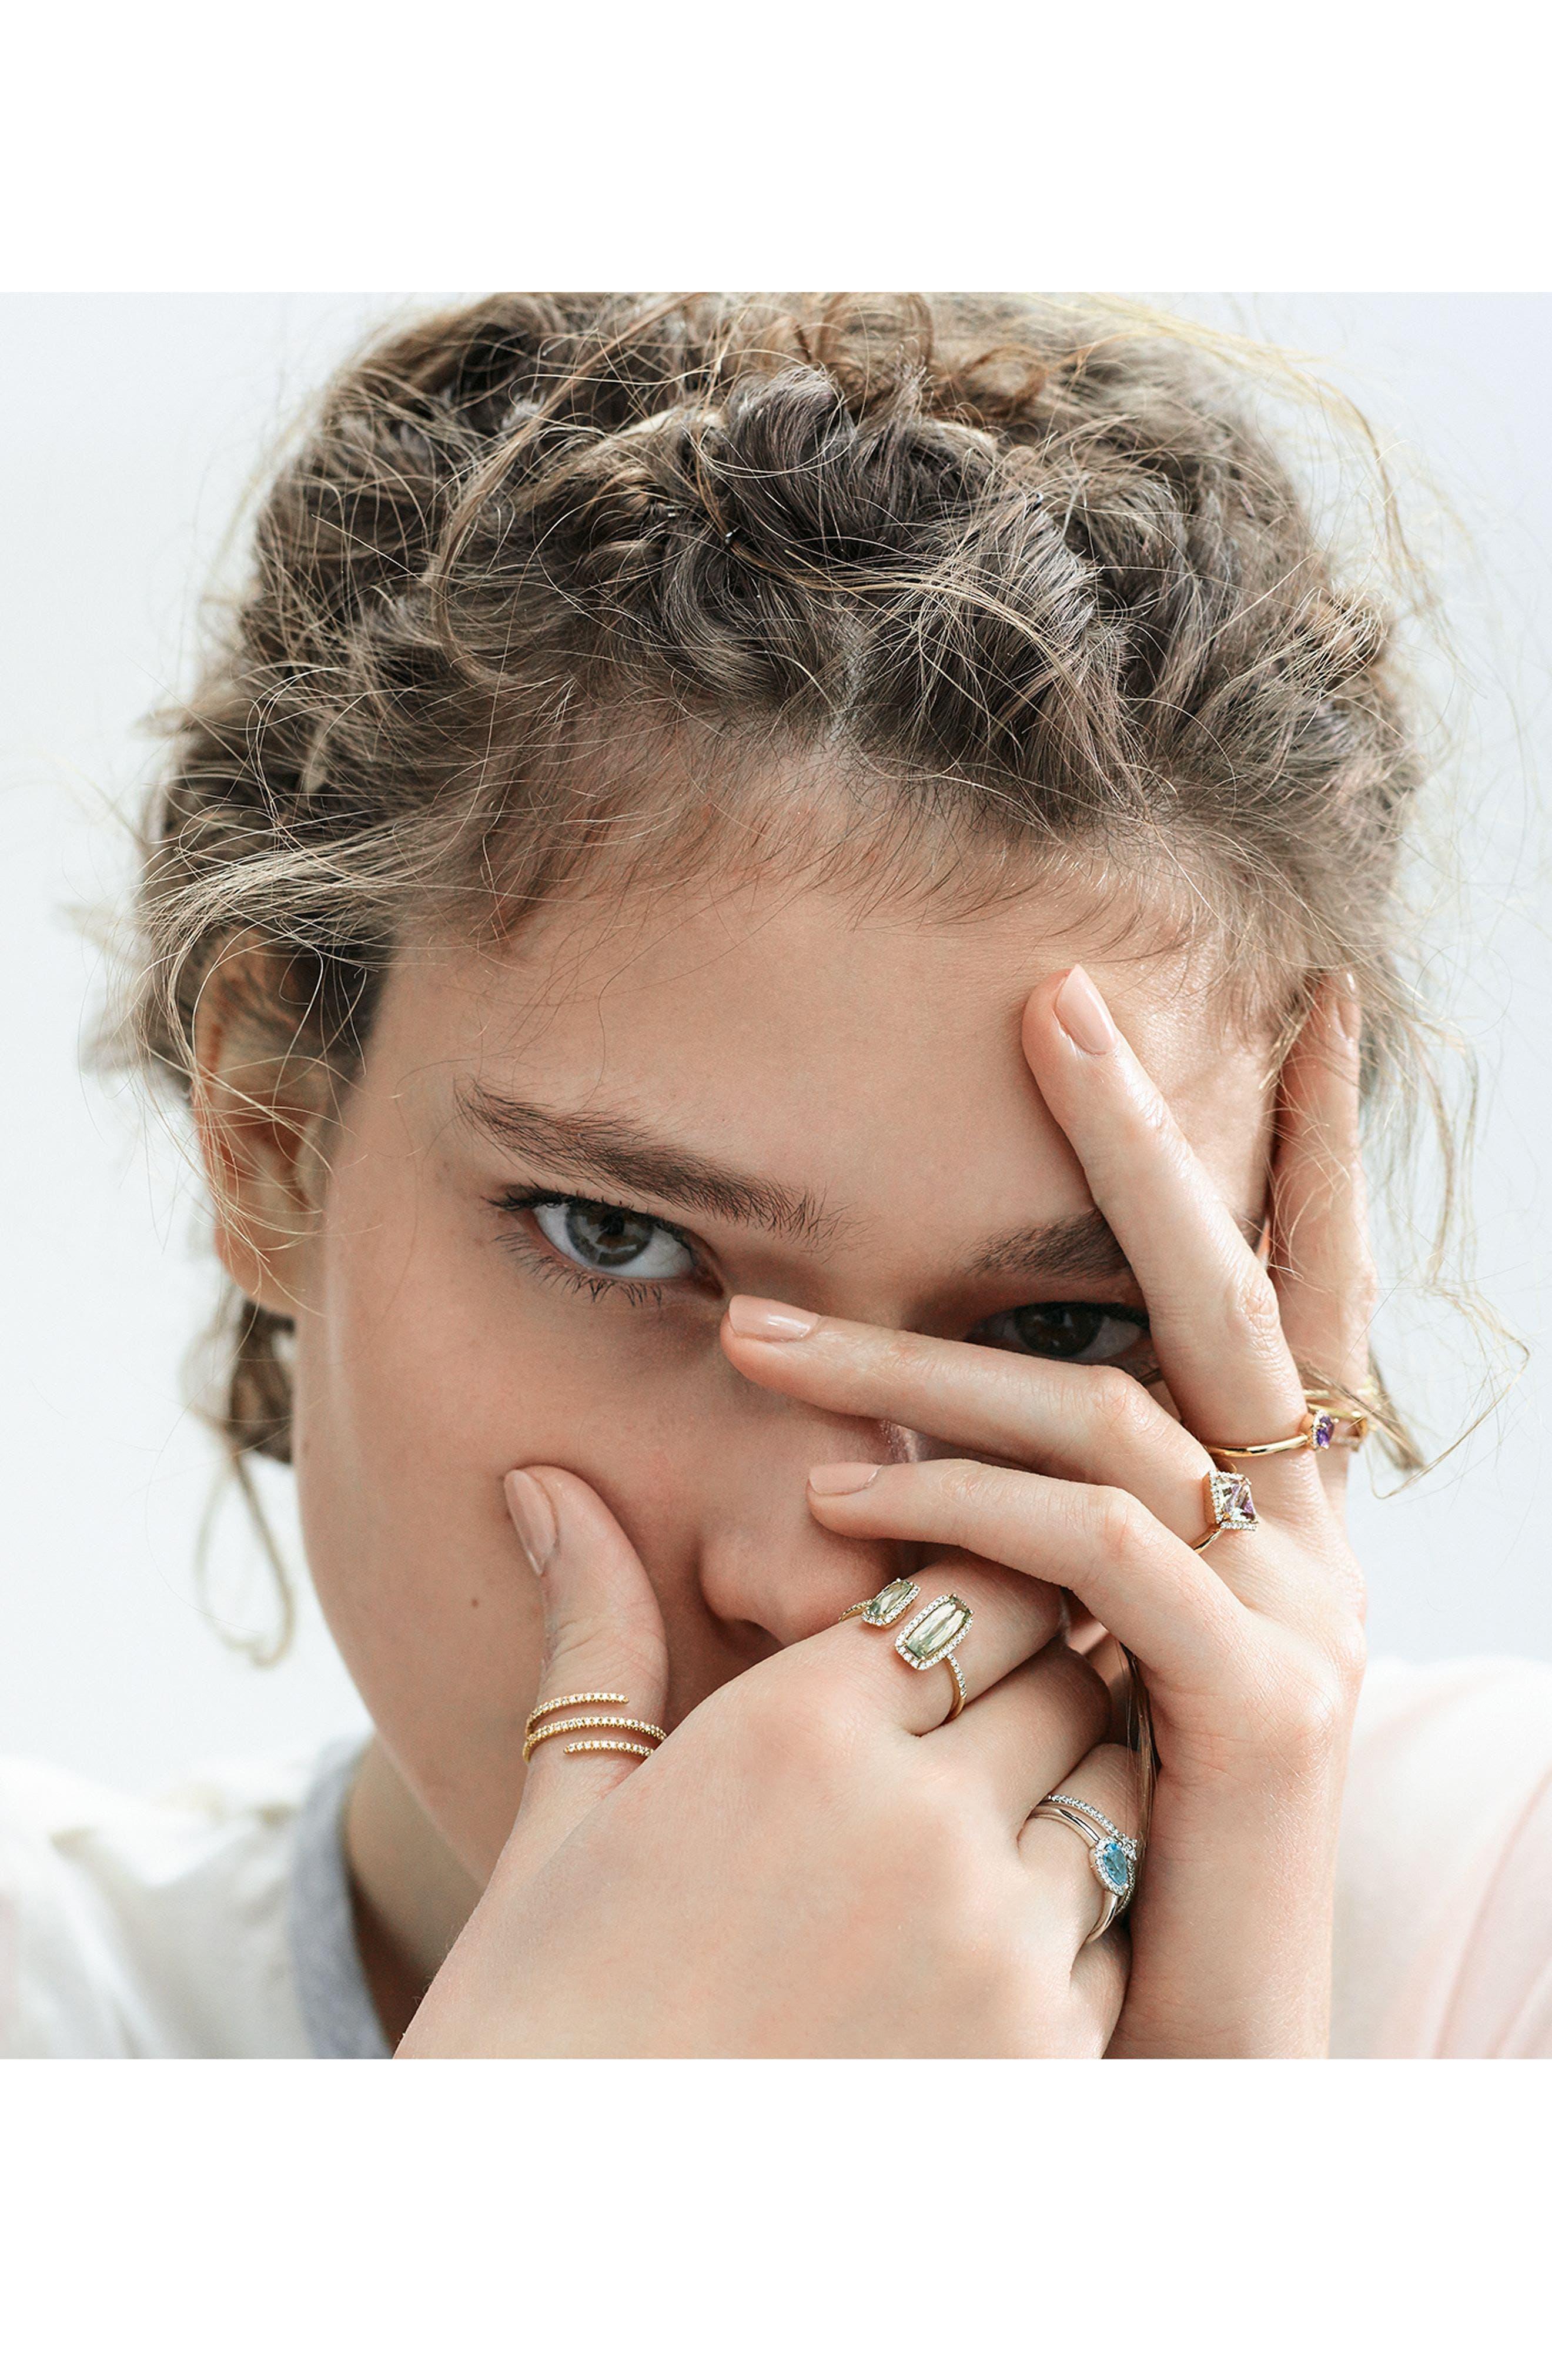 Iris Diamond & Semiprecious Stone Teardrop Ring,                             Alternate thumbnail 2, color,